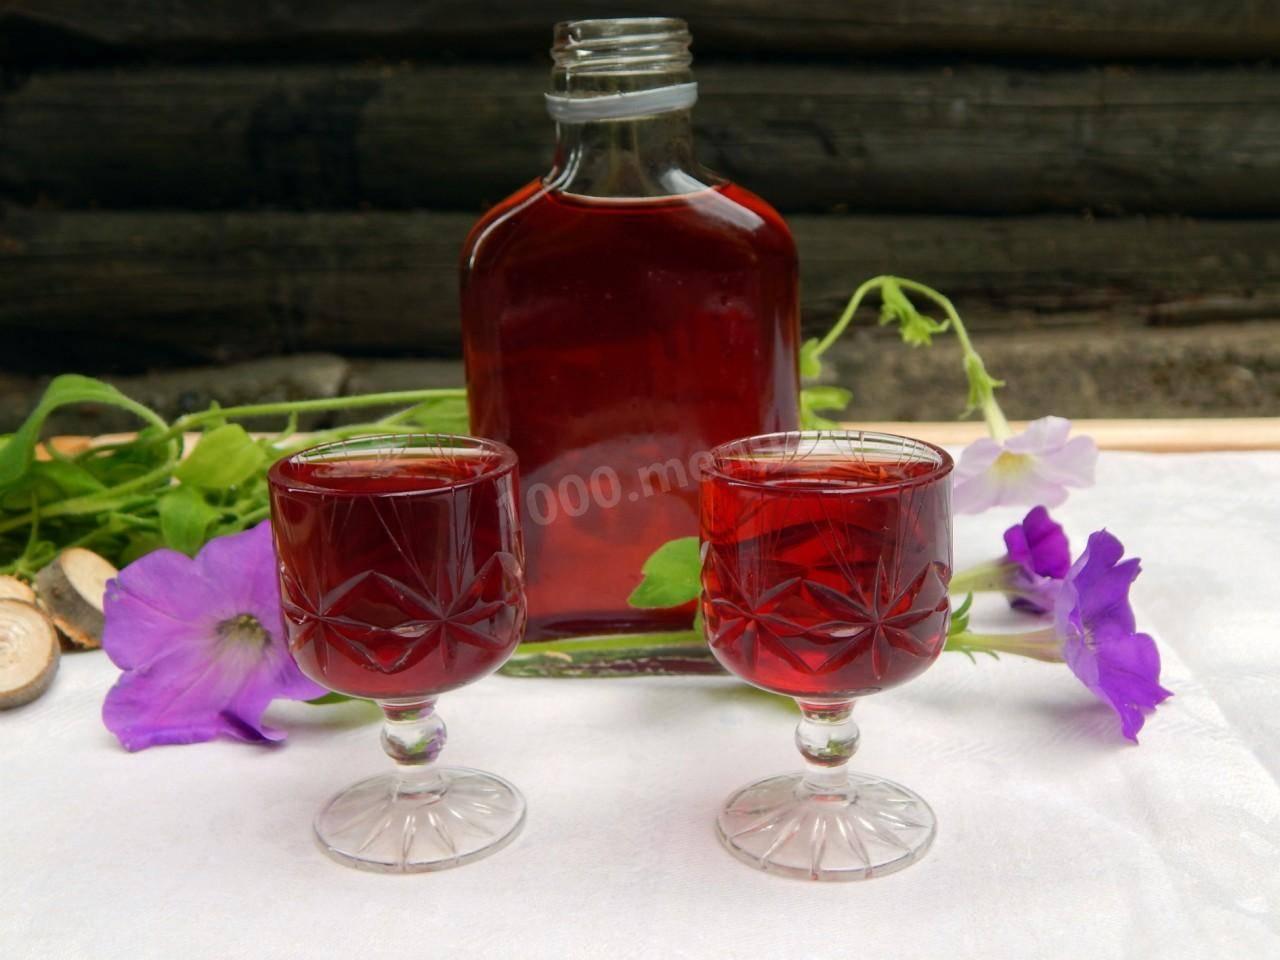 Домашняя наливка из варенья – 7 замечательных рецептов | alco-safe | яндекс дзен